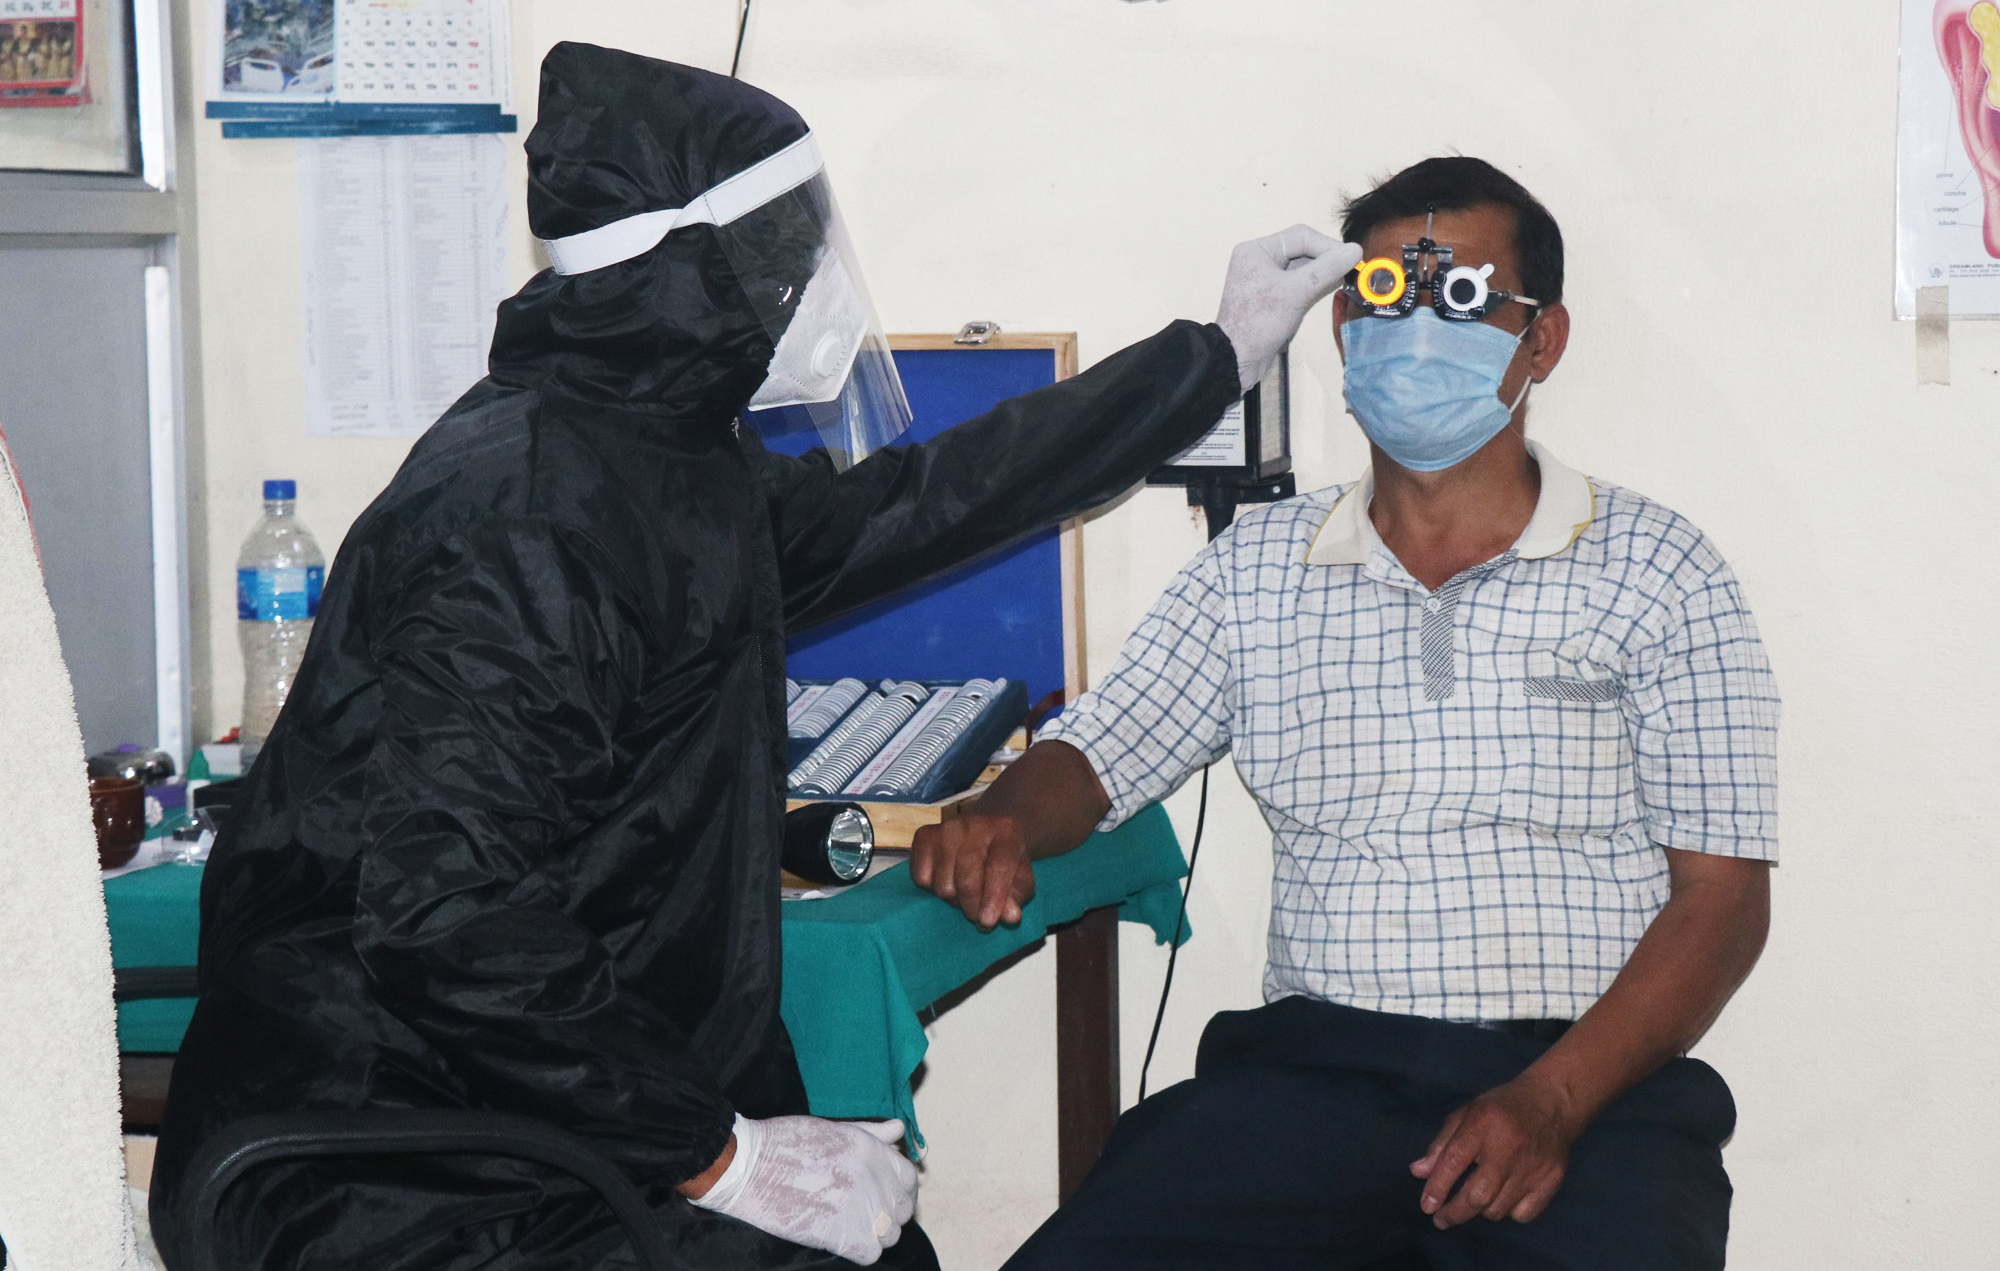 नोबेल अस्पतालले ओपीडी खुल्ला गरेर सुचारु गर्यो सबै उपचार सेवा